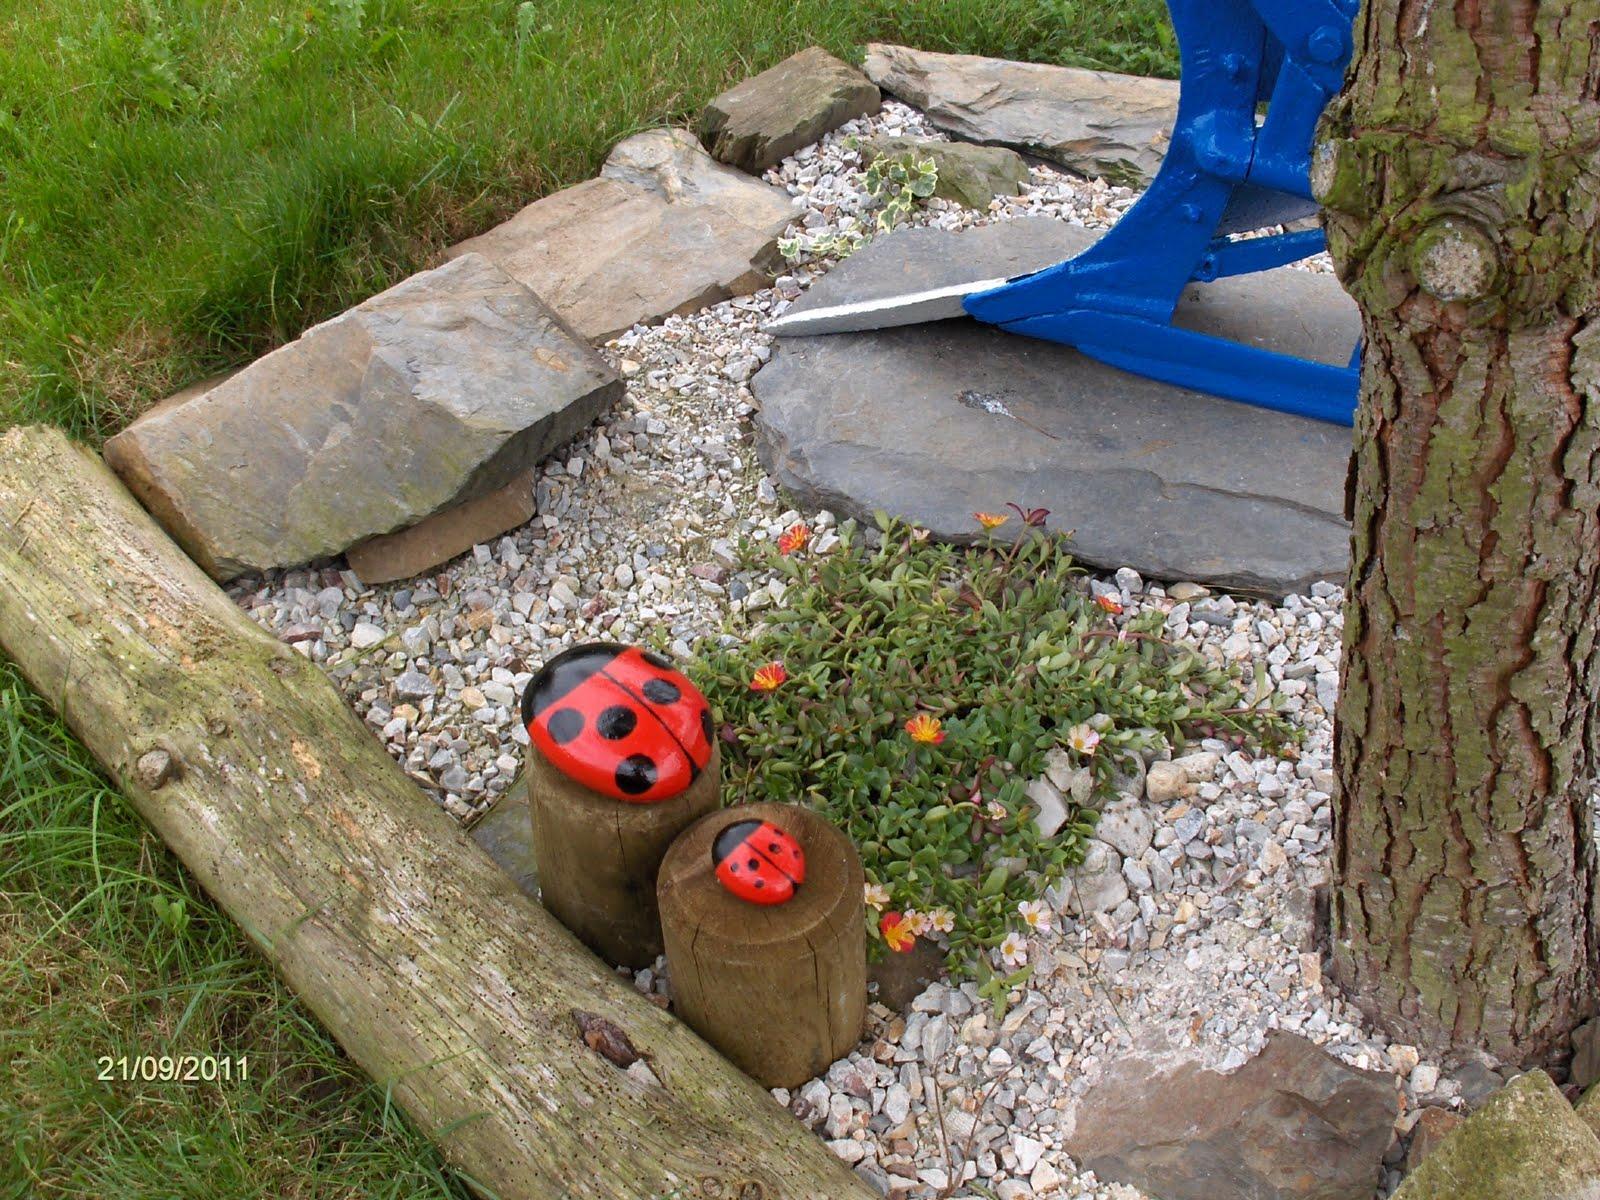 Aprendiz pintar piedras para decorar jard n unas mariquitas for Piedras grandes pintadas para jardin